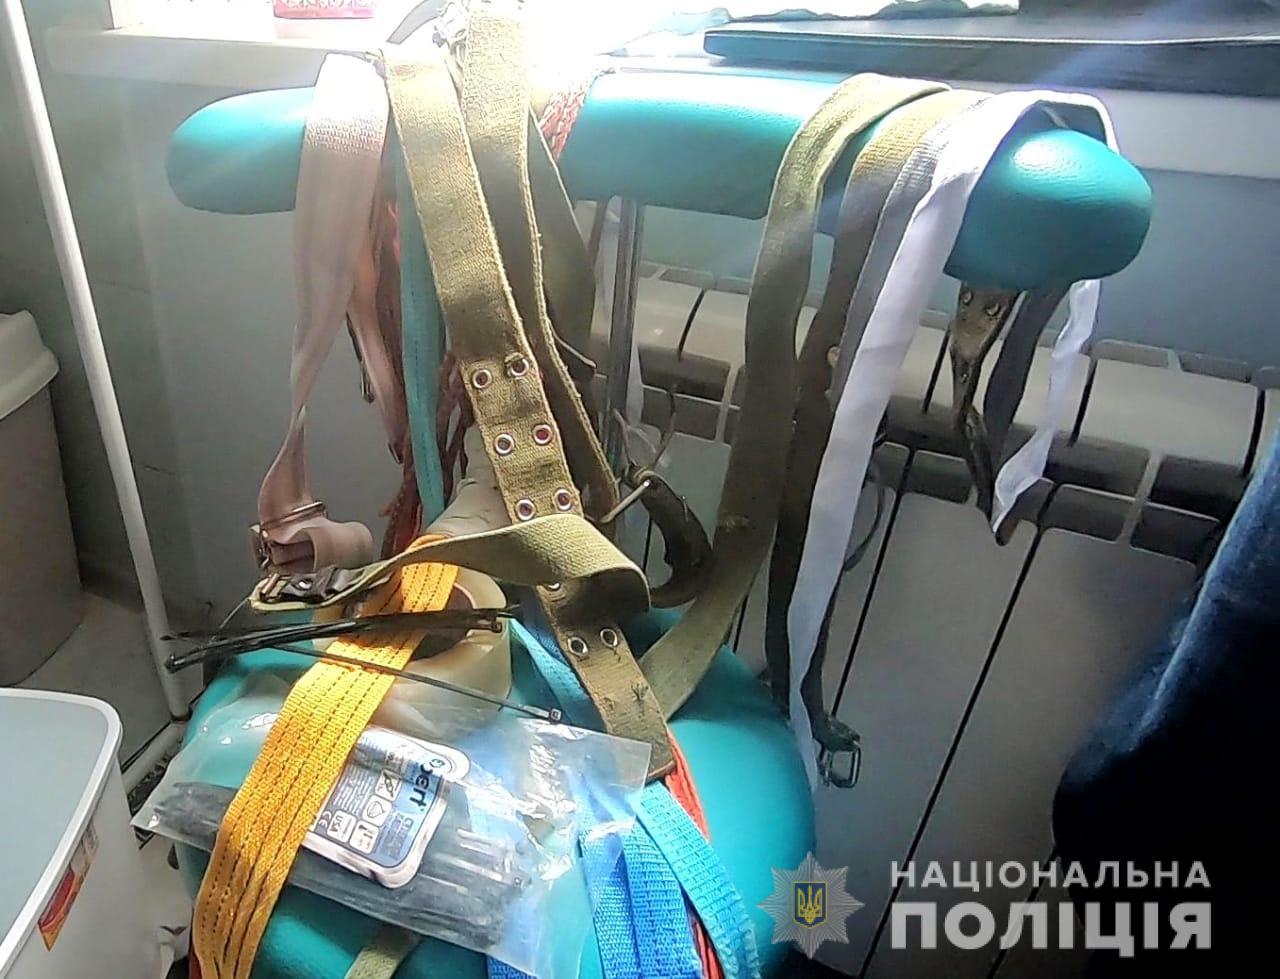 В Одессе  незаконно удерживали наркозависимых людей на цепи, якобы предоставляя им услуги реабилитации